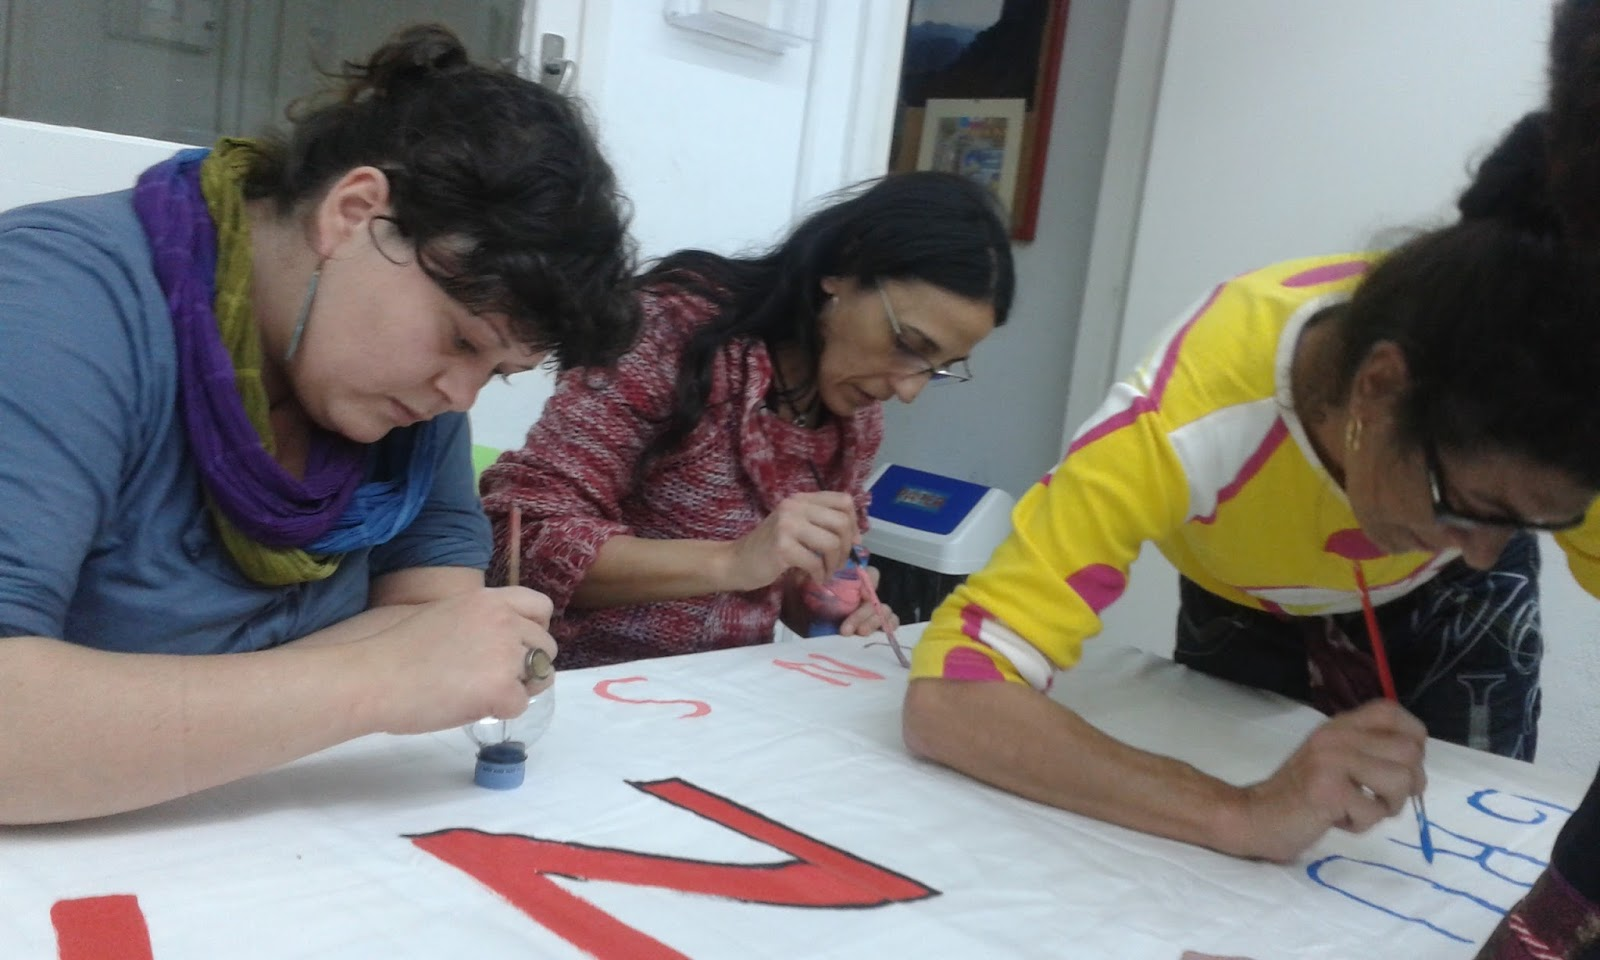 Grup de donas DONAT, preparando carnaval Sants-Montjuic 2016,  donat es una sección dedicada a las mujeres de deixalatevaempremta.org